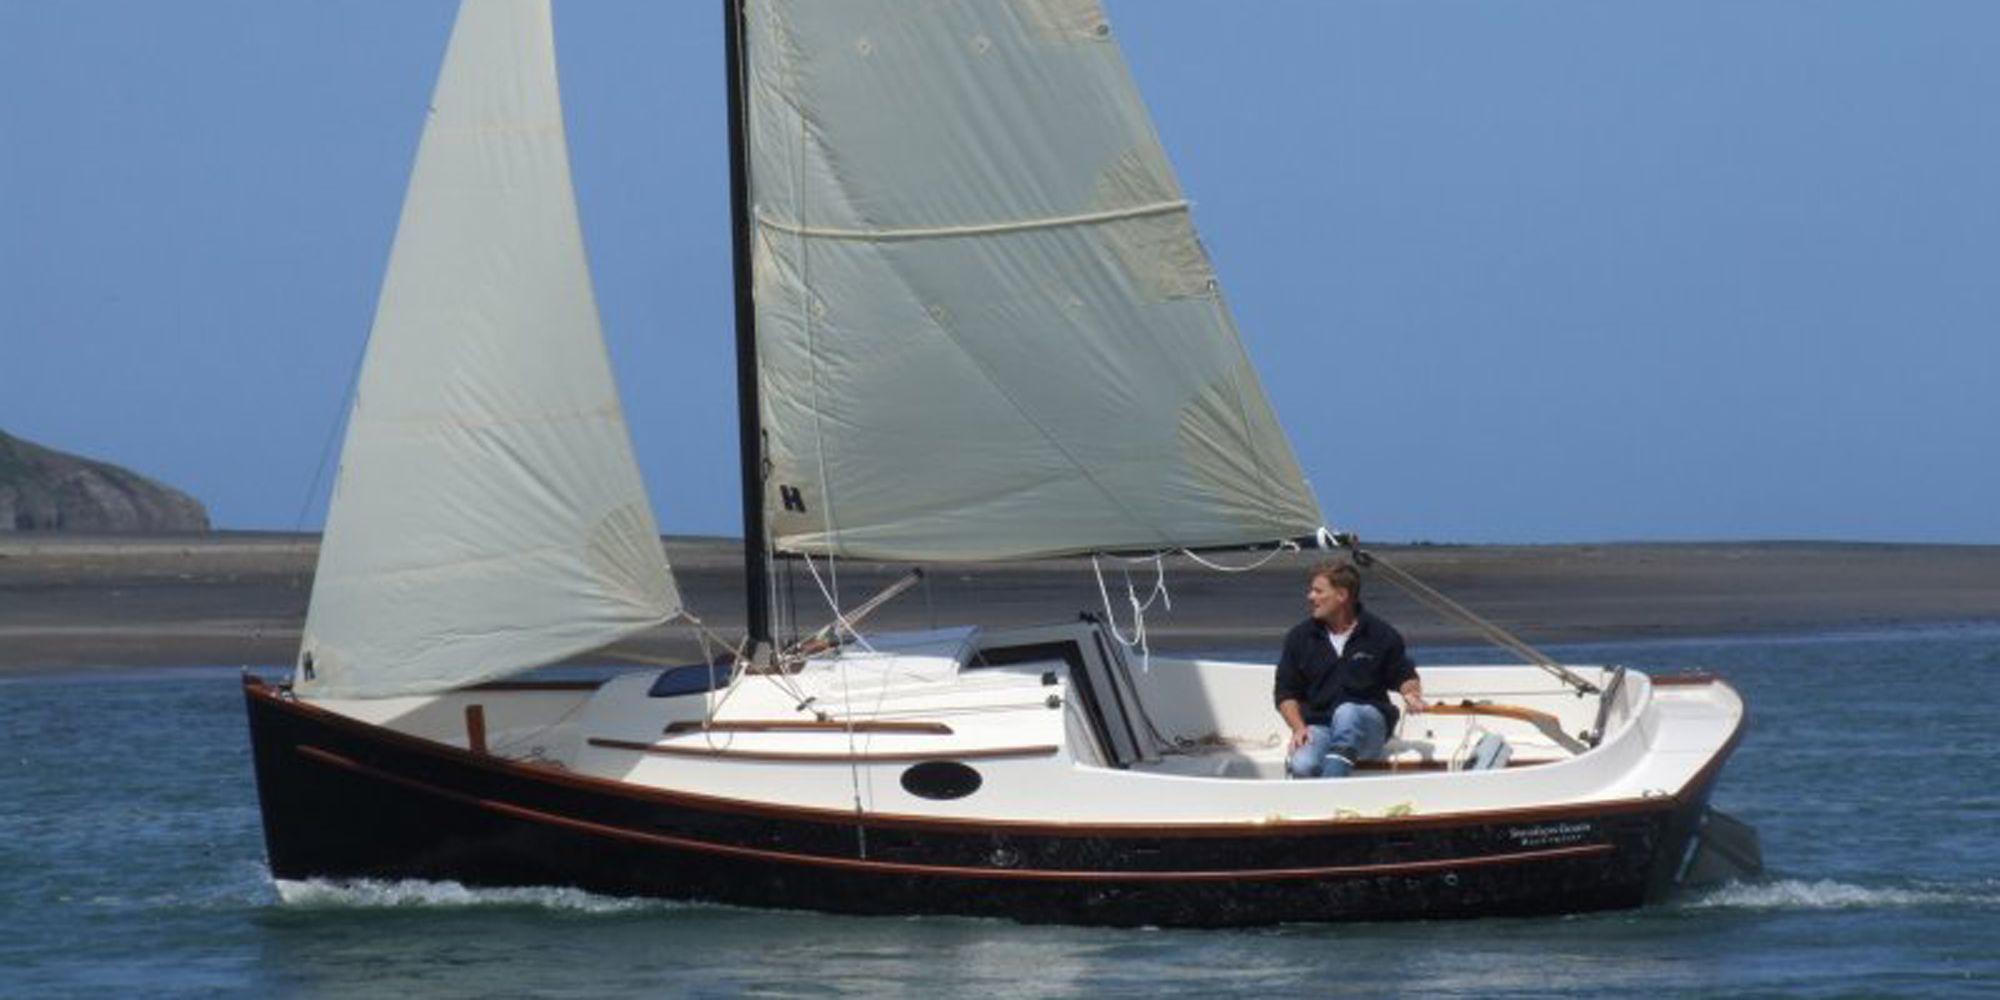 Swallow Boats BayCruiser 23 | trailer sailors | Pinterest | Swallows, Boating and Small sailboats